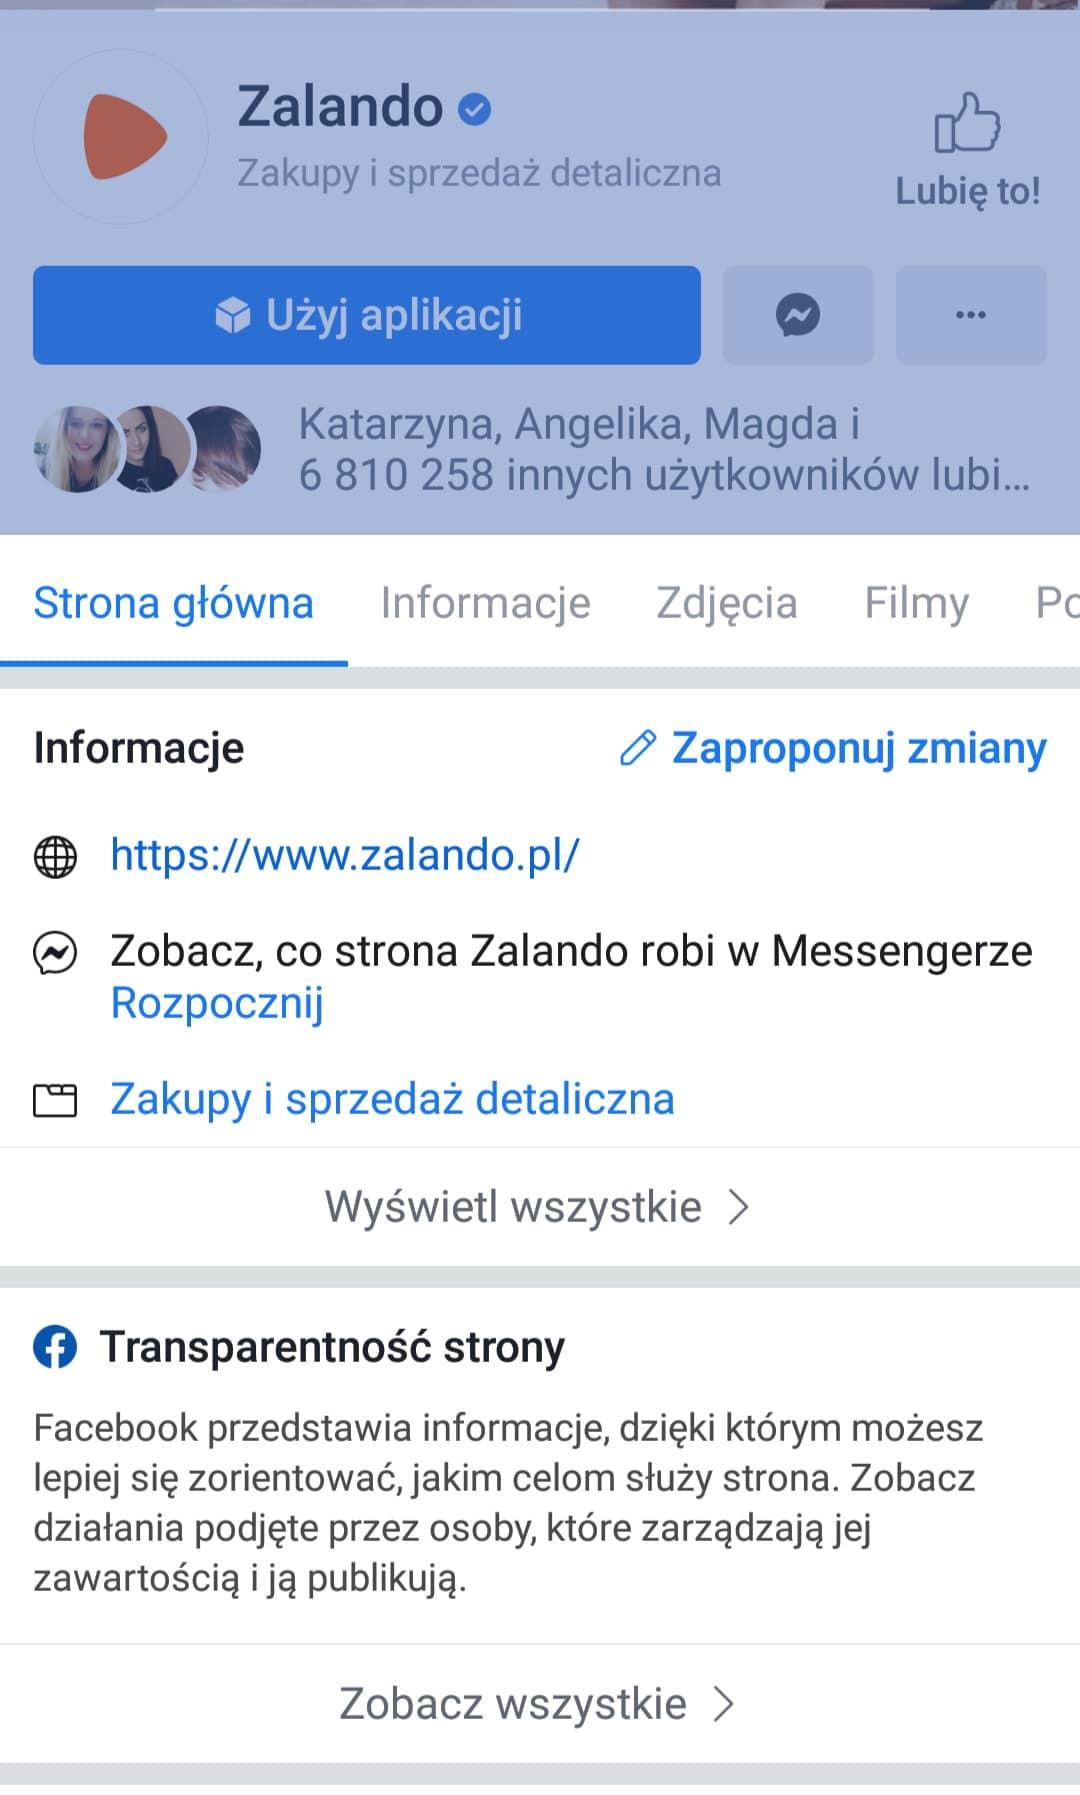 transparentność strony - reklamy konkurencji